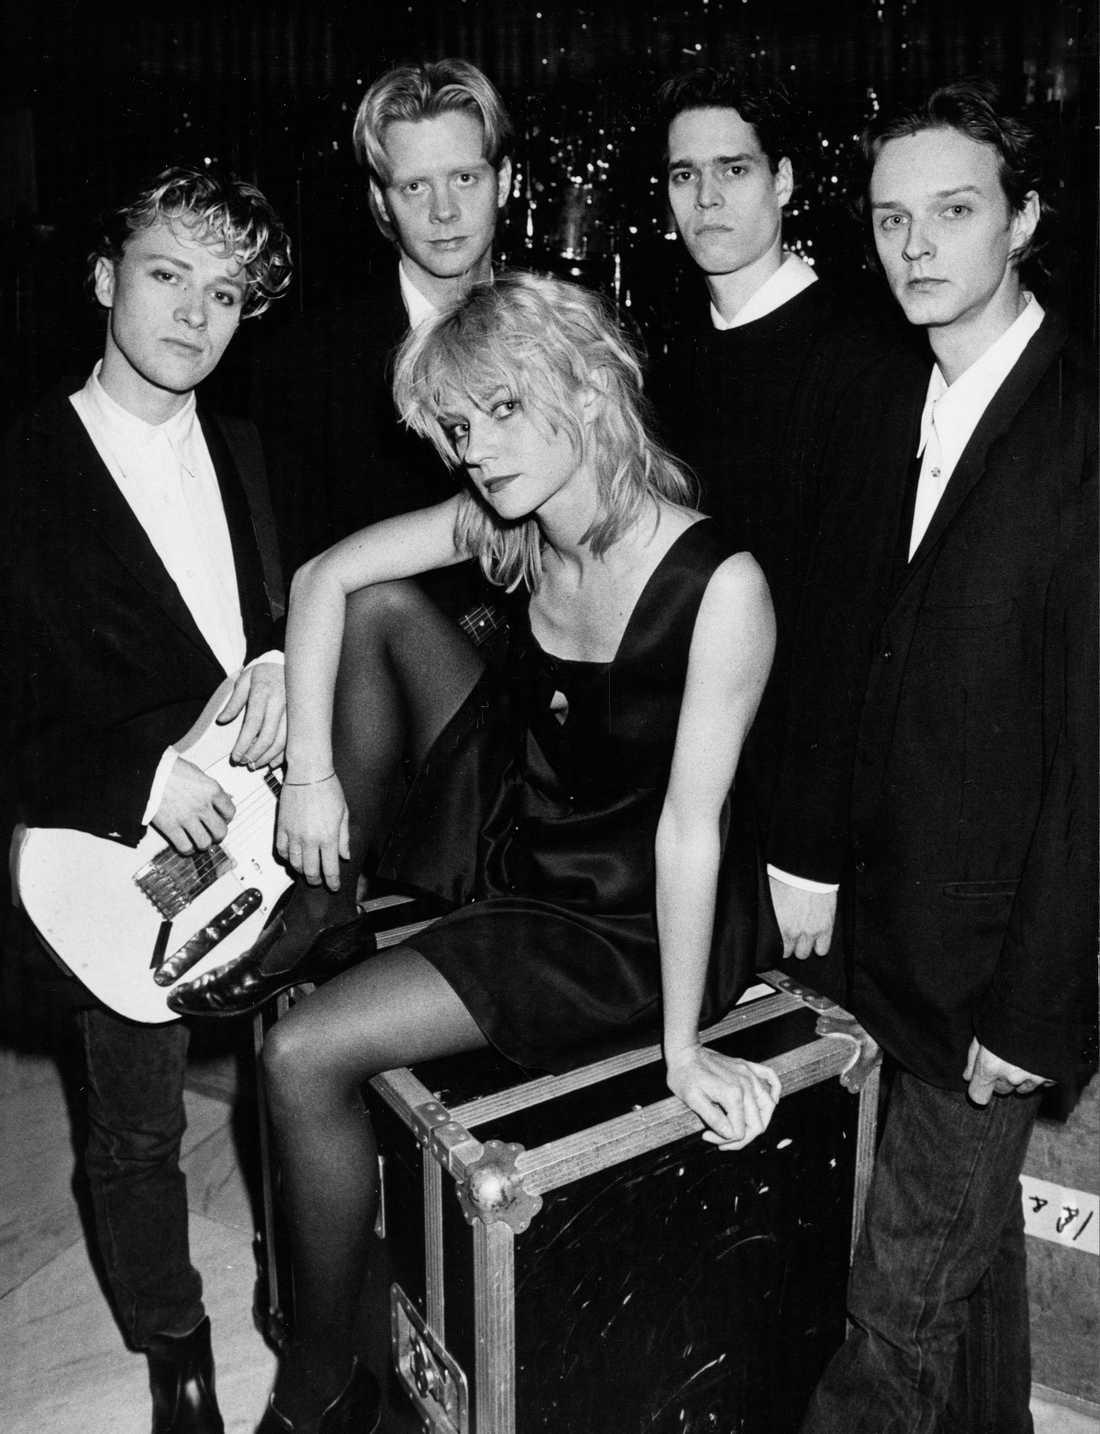 Lolita Pop i mars 1989. Från vänster: Sten Booberg, Per Ståhlberg, Karin Wistrand, Henrik Melin, Benkt Söderberg.